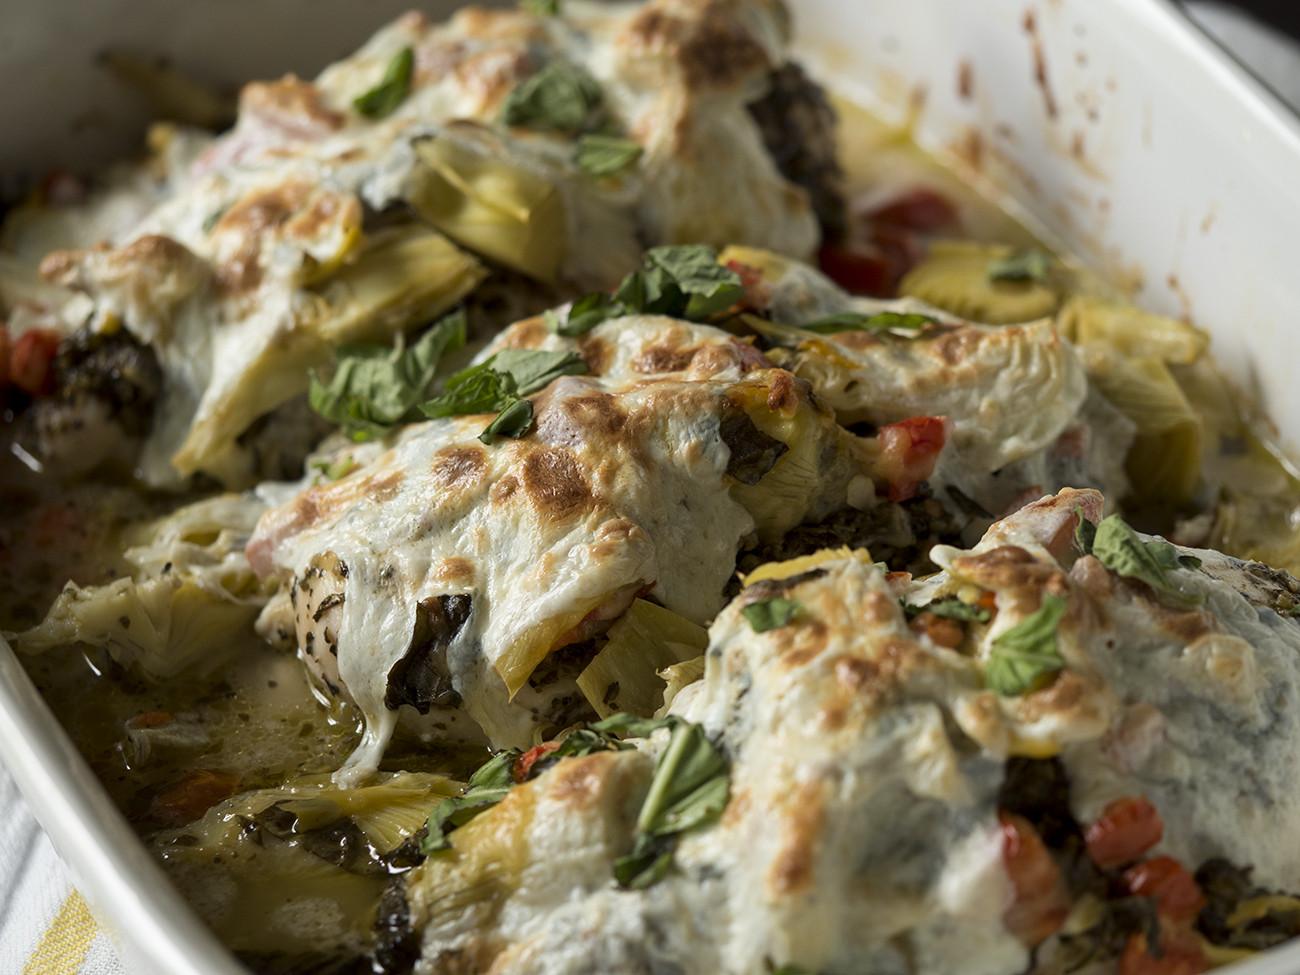 Chicken Artichoke Casserole Healthy  healthy artichoke chicken bake